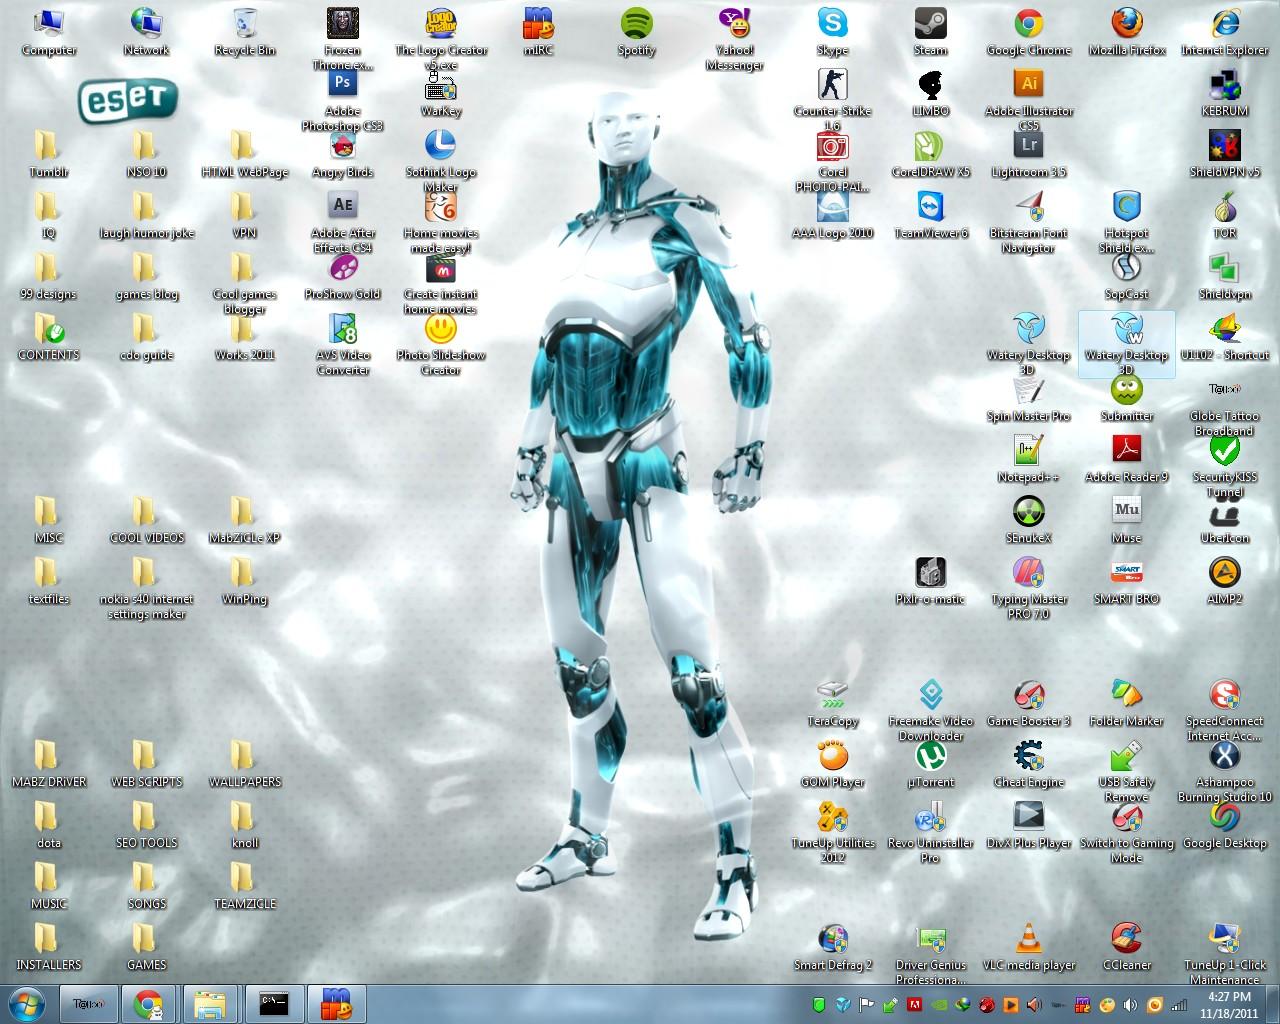 http://3.bp.blogspot.com/-bwhTuk32yAQ/TsYUyi-oe6I/AAAAAAAABKY/6QvEPX_ztIo/s1600/screenshots.jpg